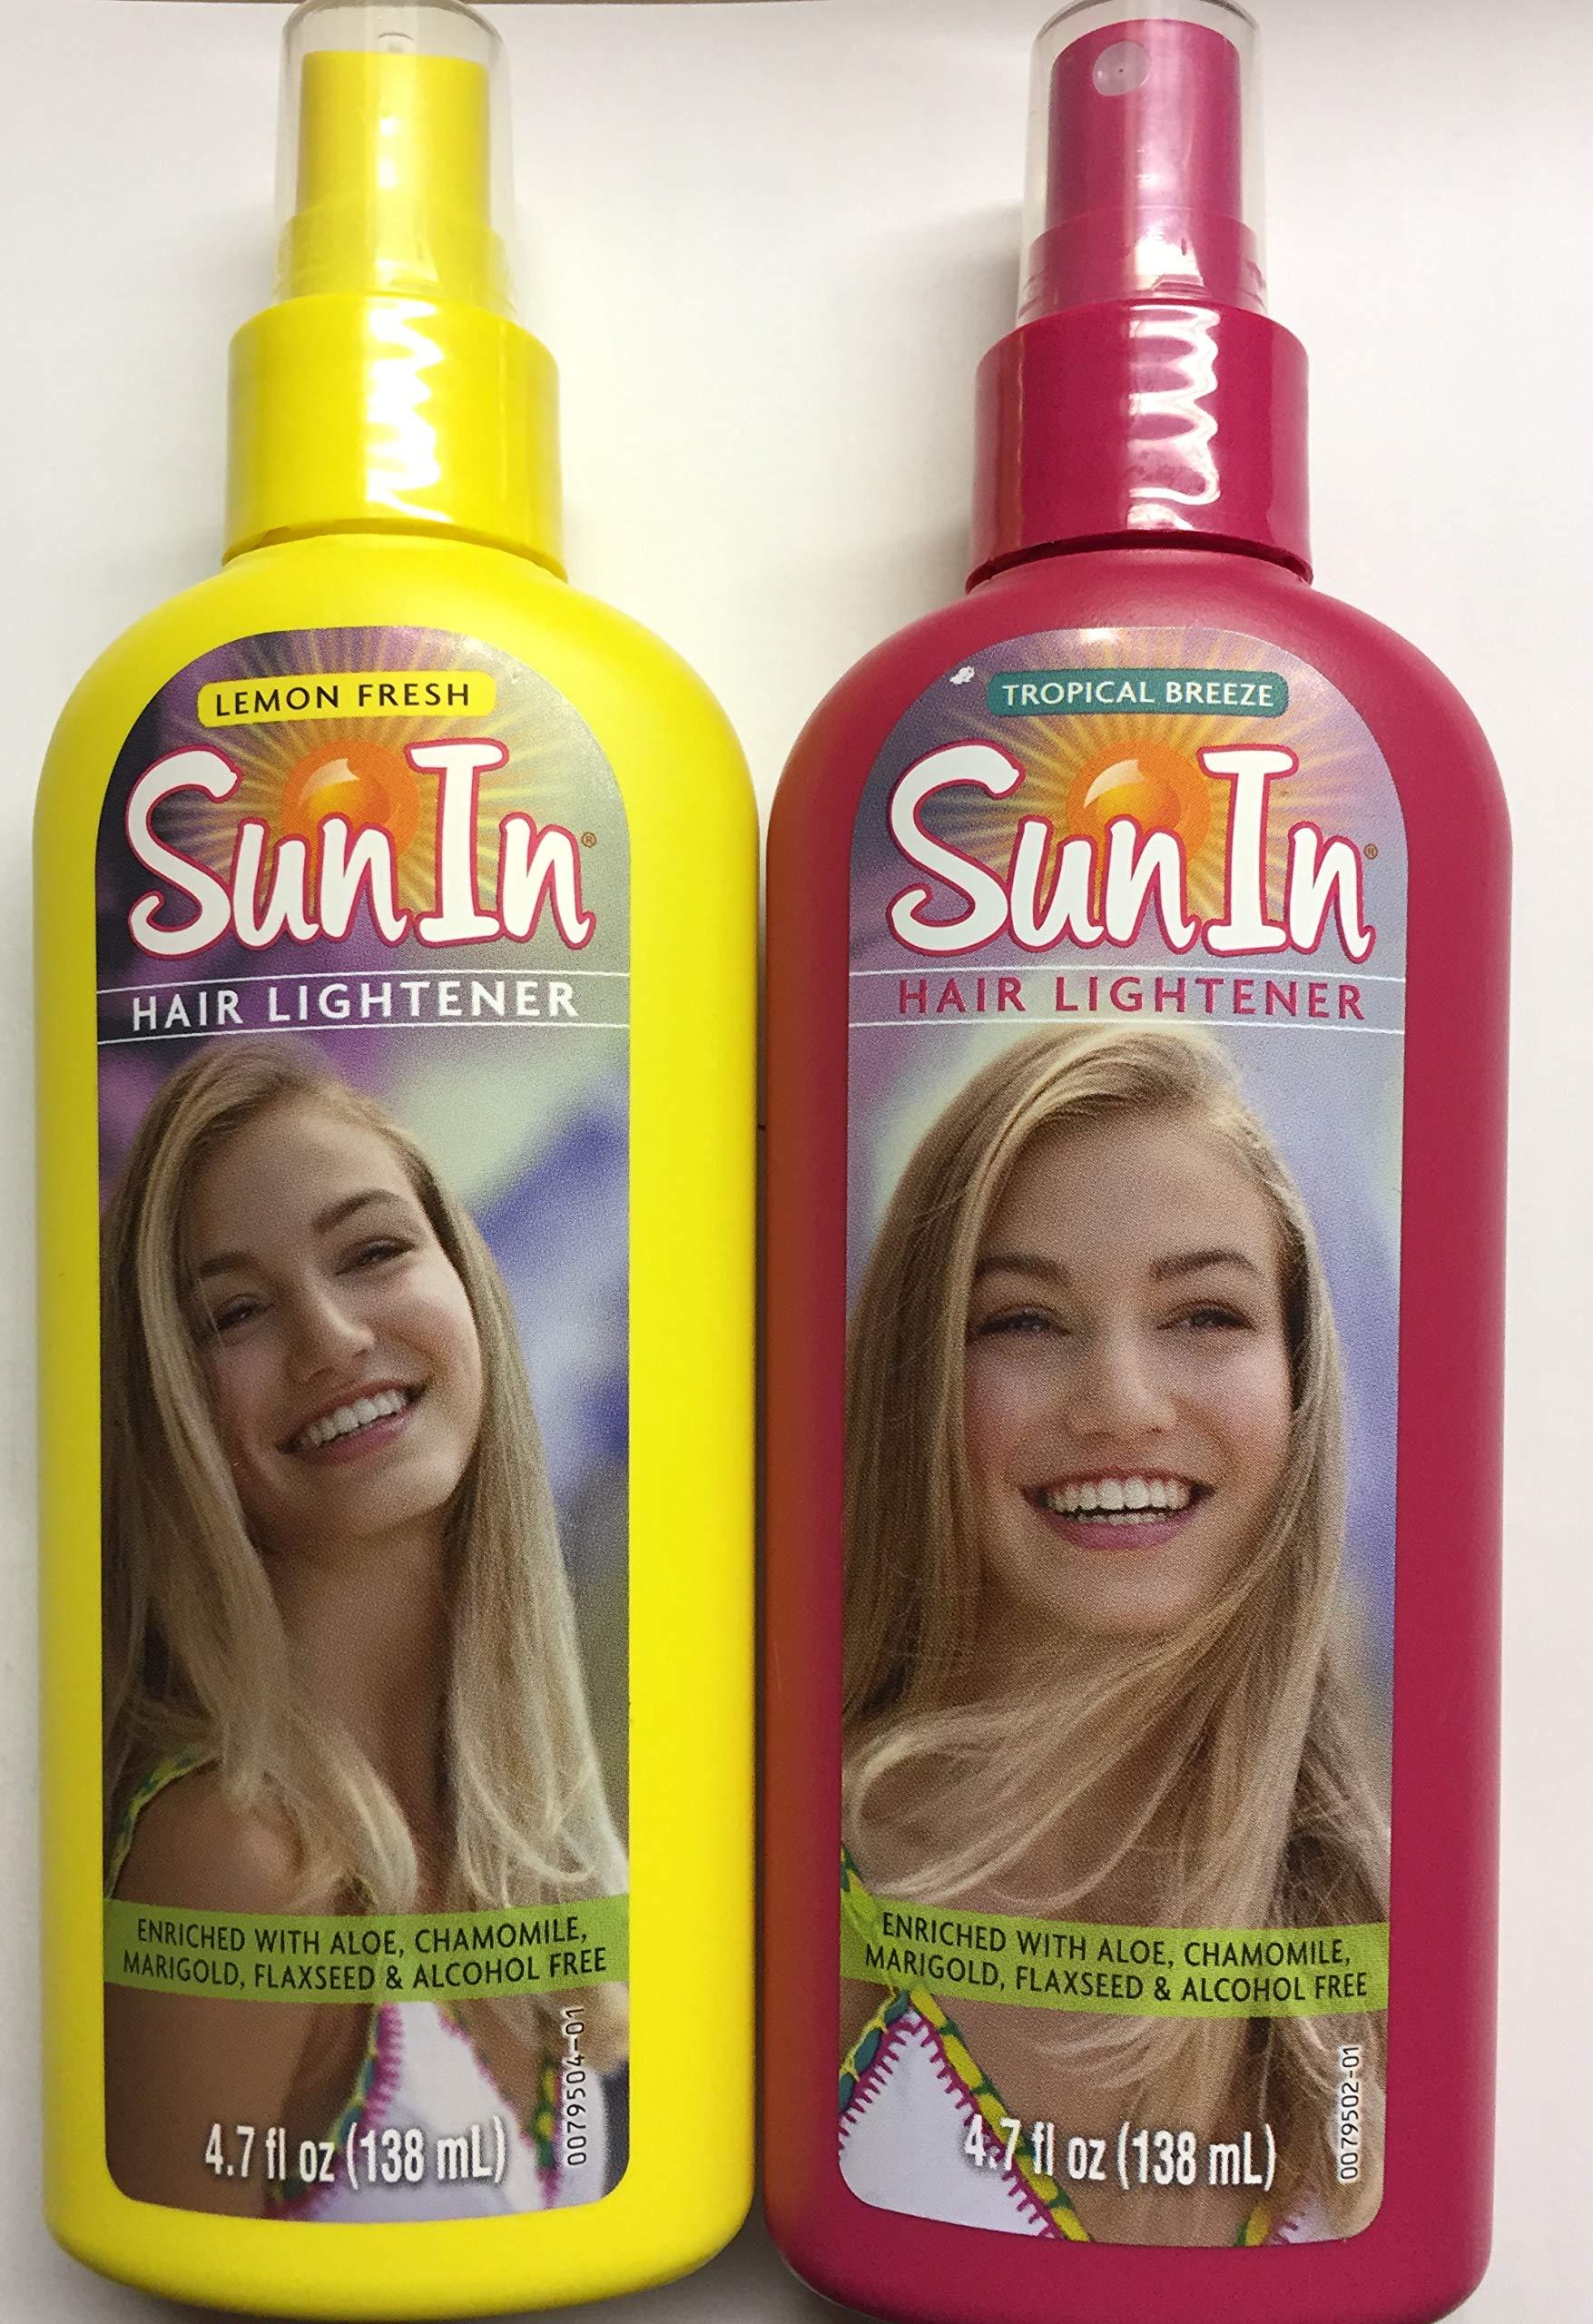 Sun-in Sun In Hair Lightener, Tropical Breeze & Lemon Fresh Combo